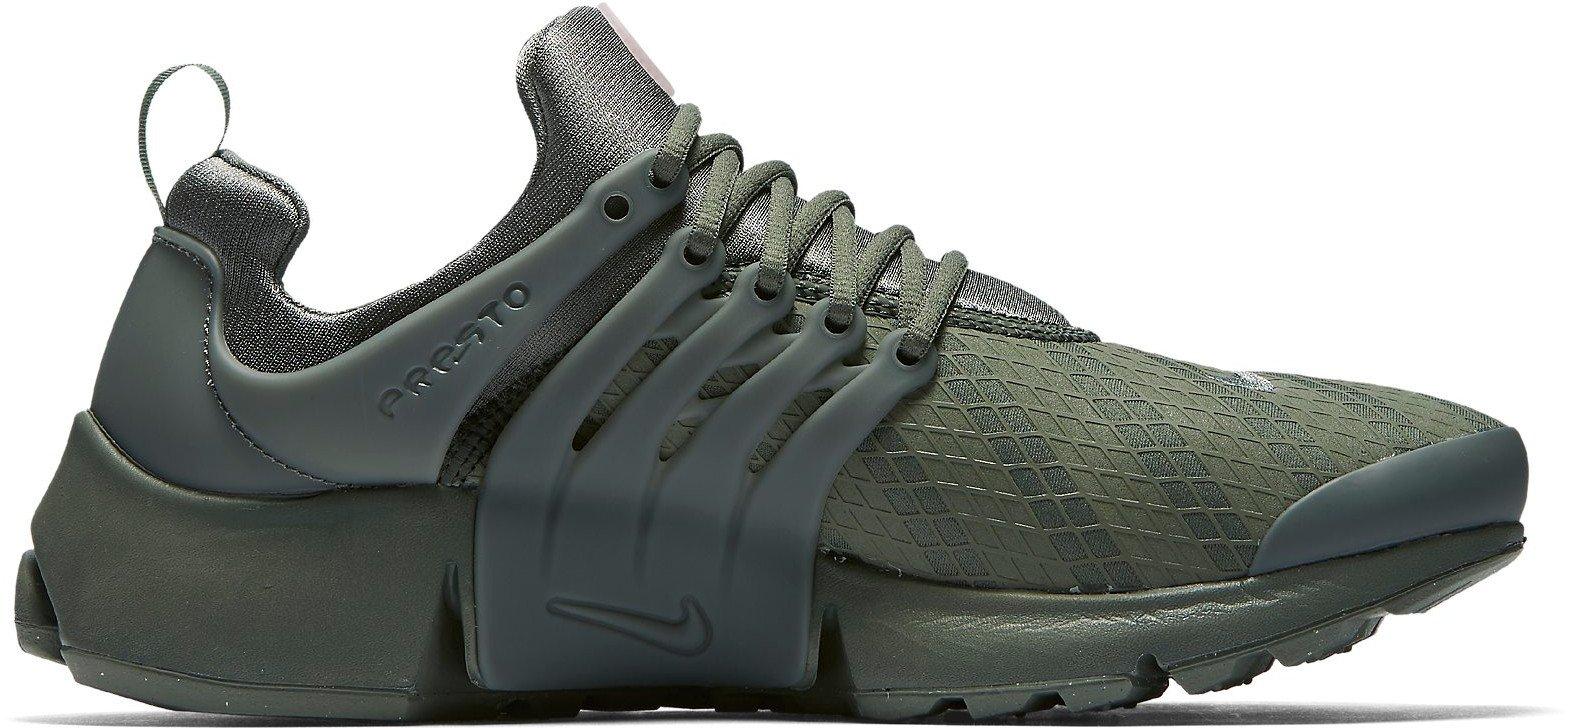 Original Nike Presto Shoes